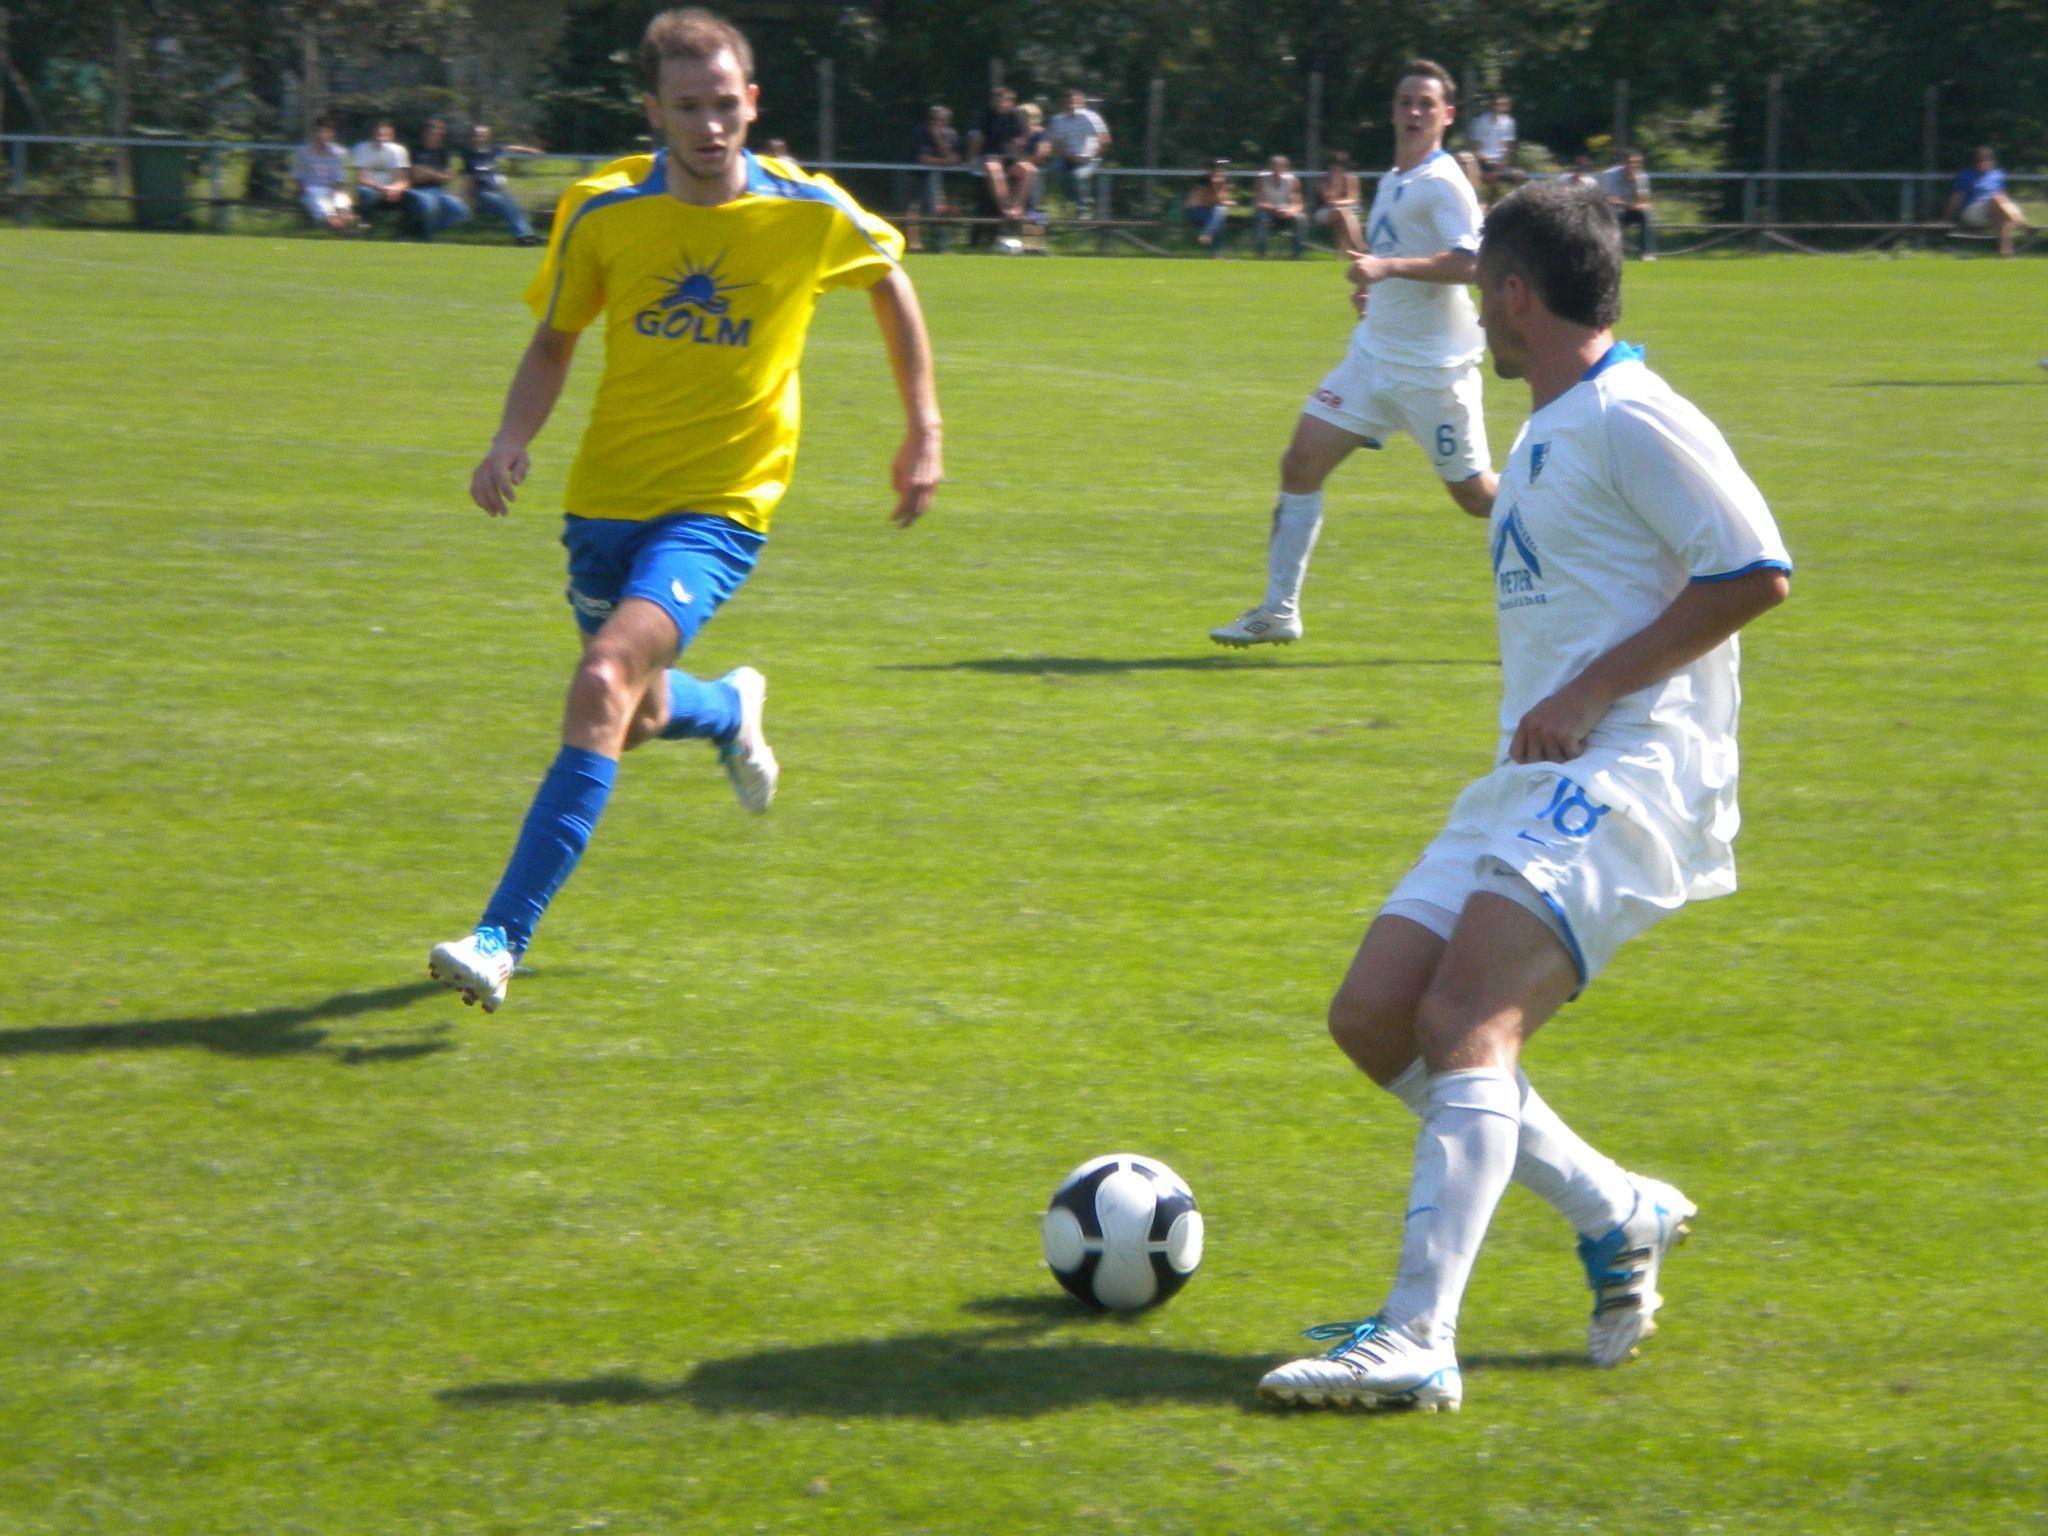 Der Golm FC Schruns verliert das Heimspiel gegen Koblach knapp mit 1:2